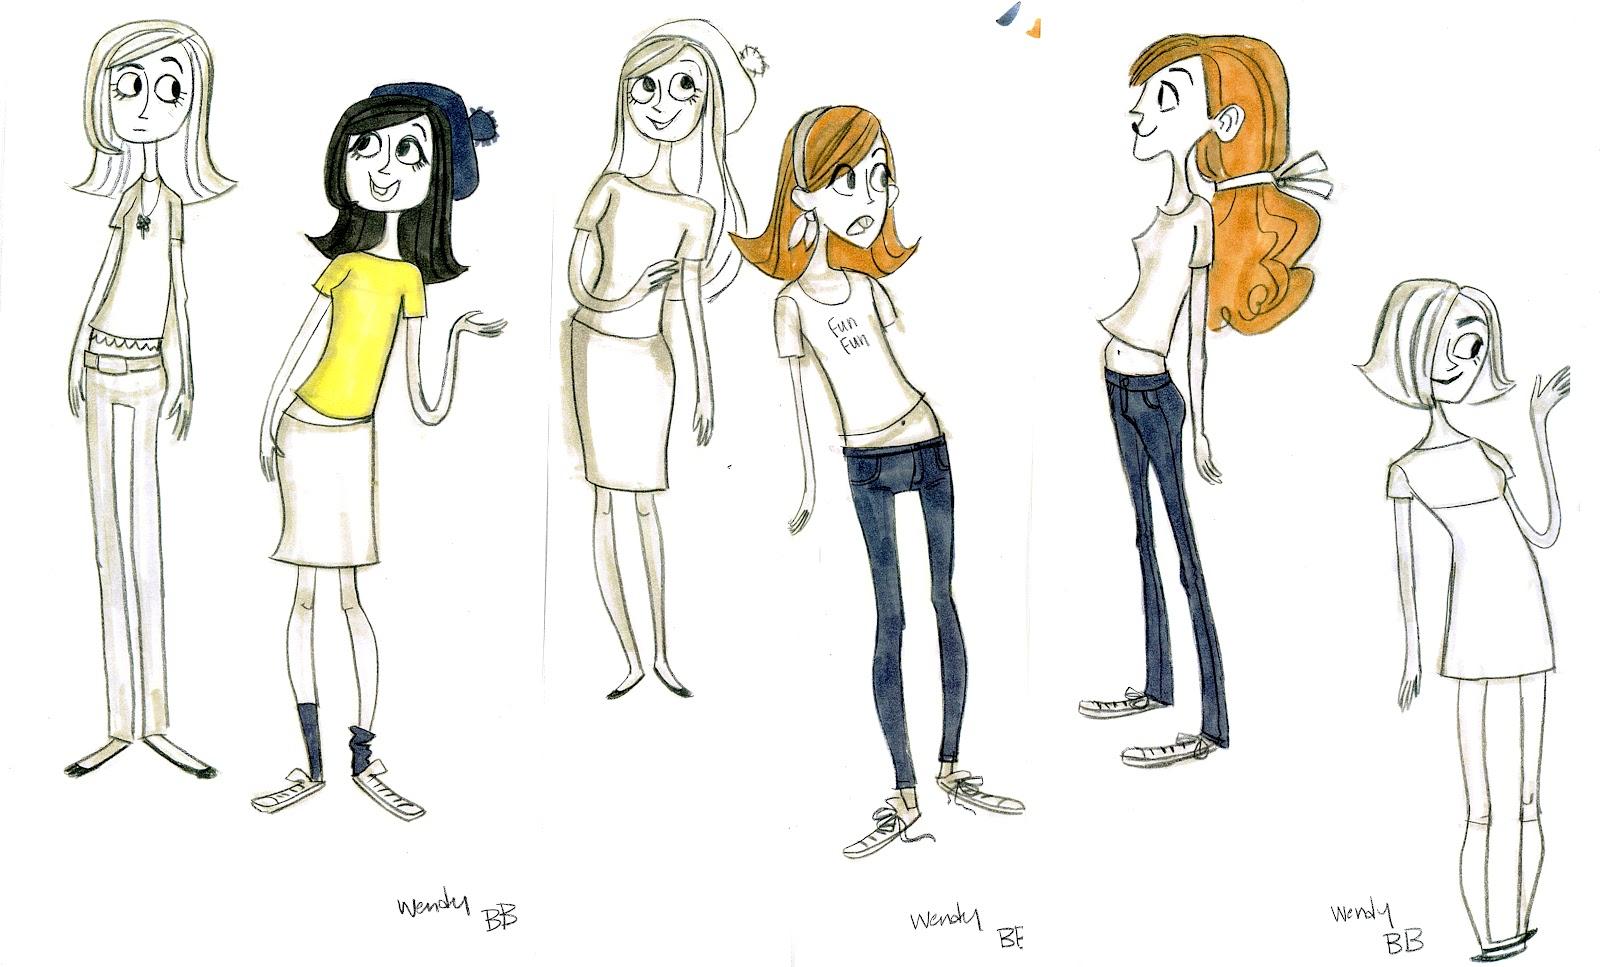 File:Brigette Barrager Wendy concept sketches.jpeg